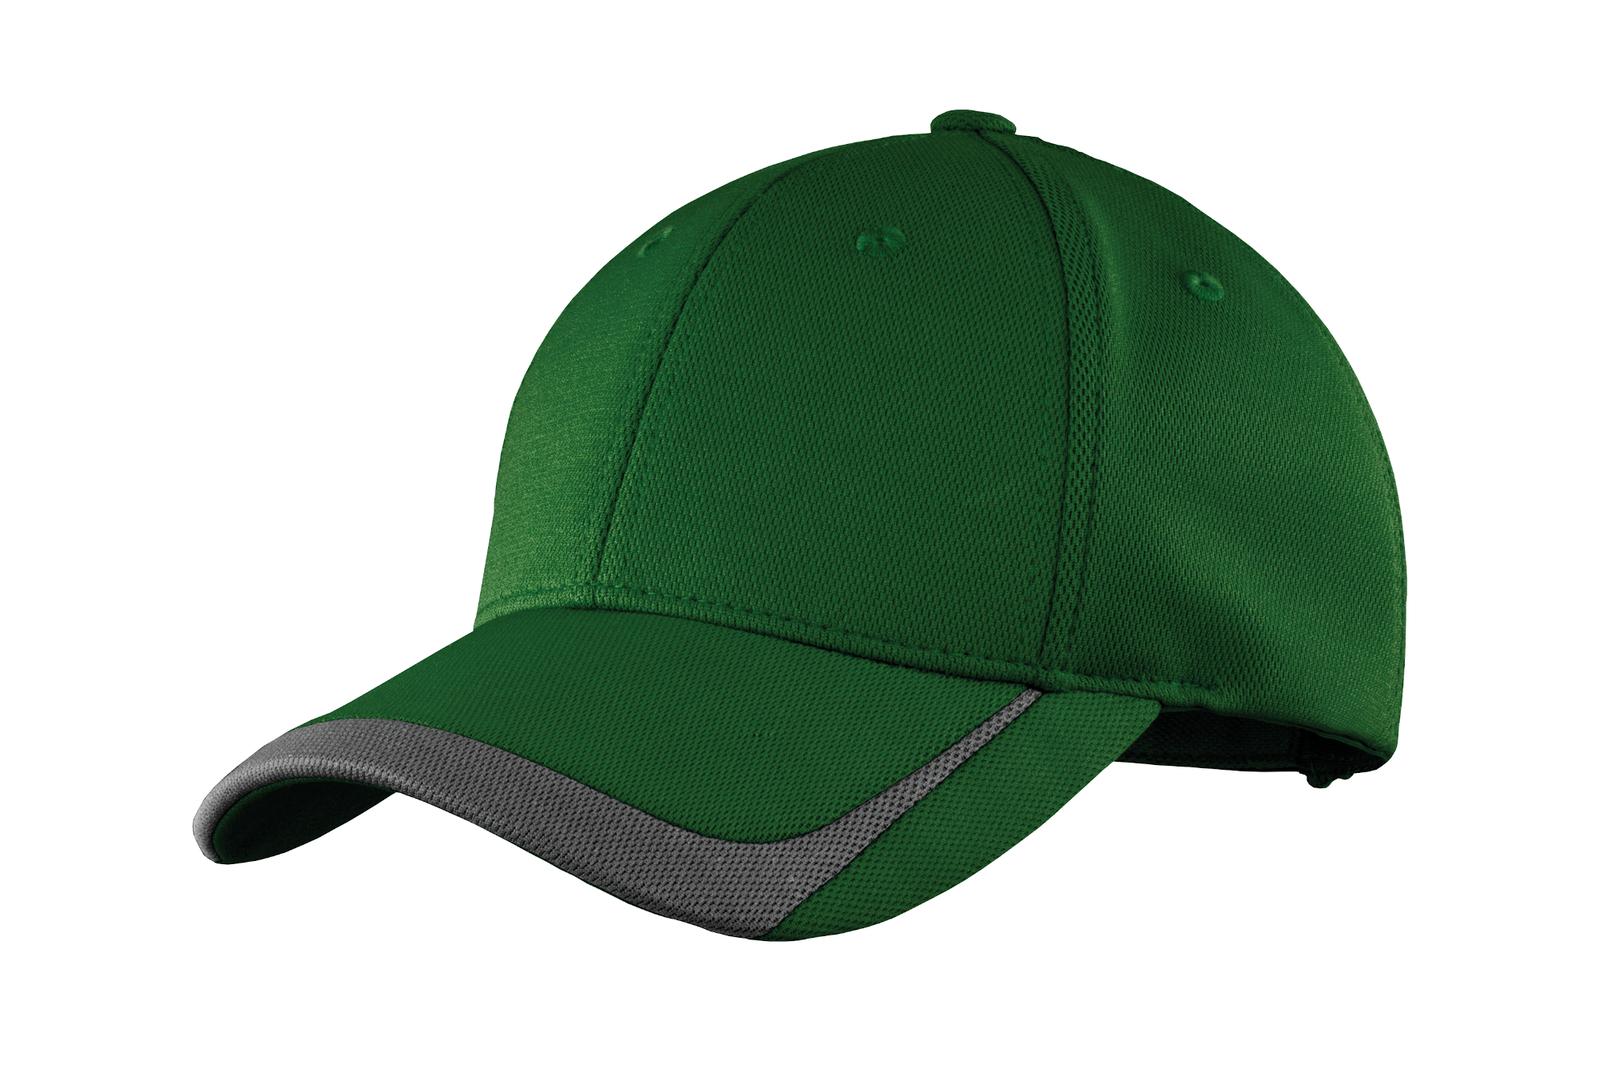 Sport-Tek Embroidered Pique Colorblock Hat